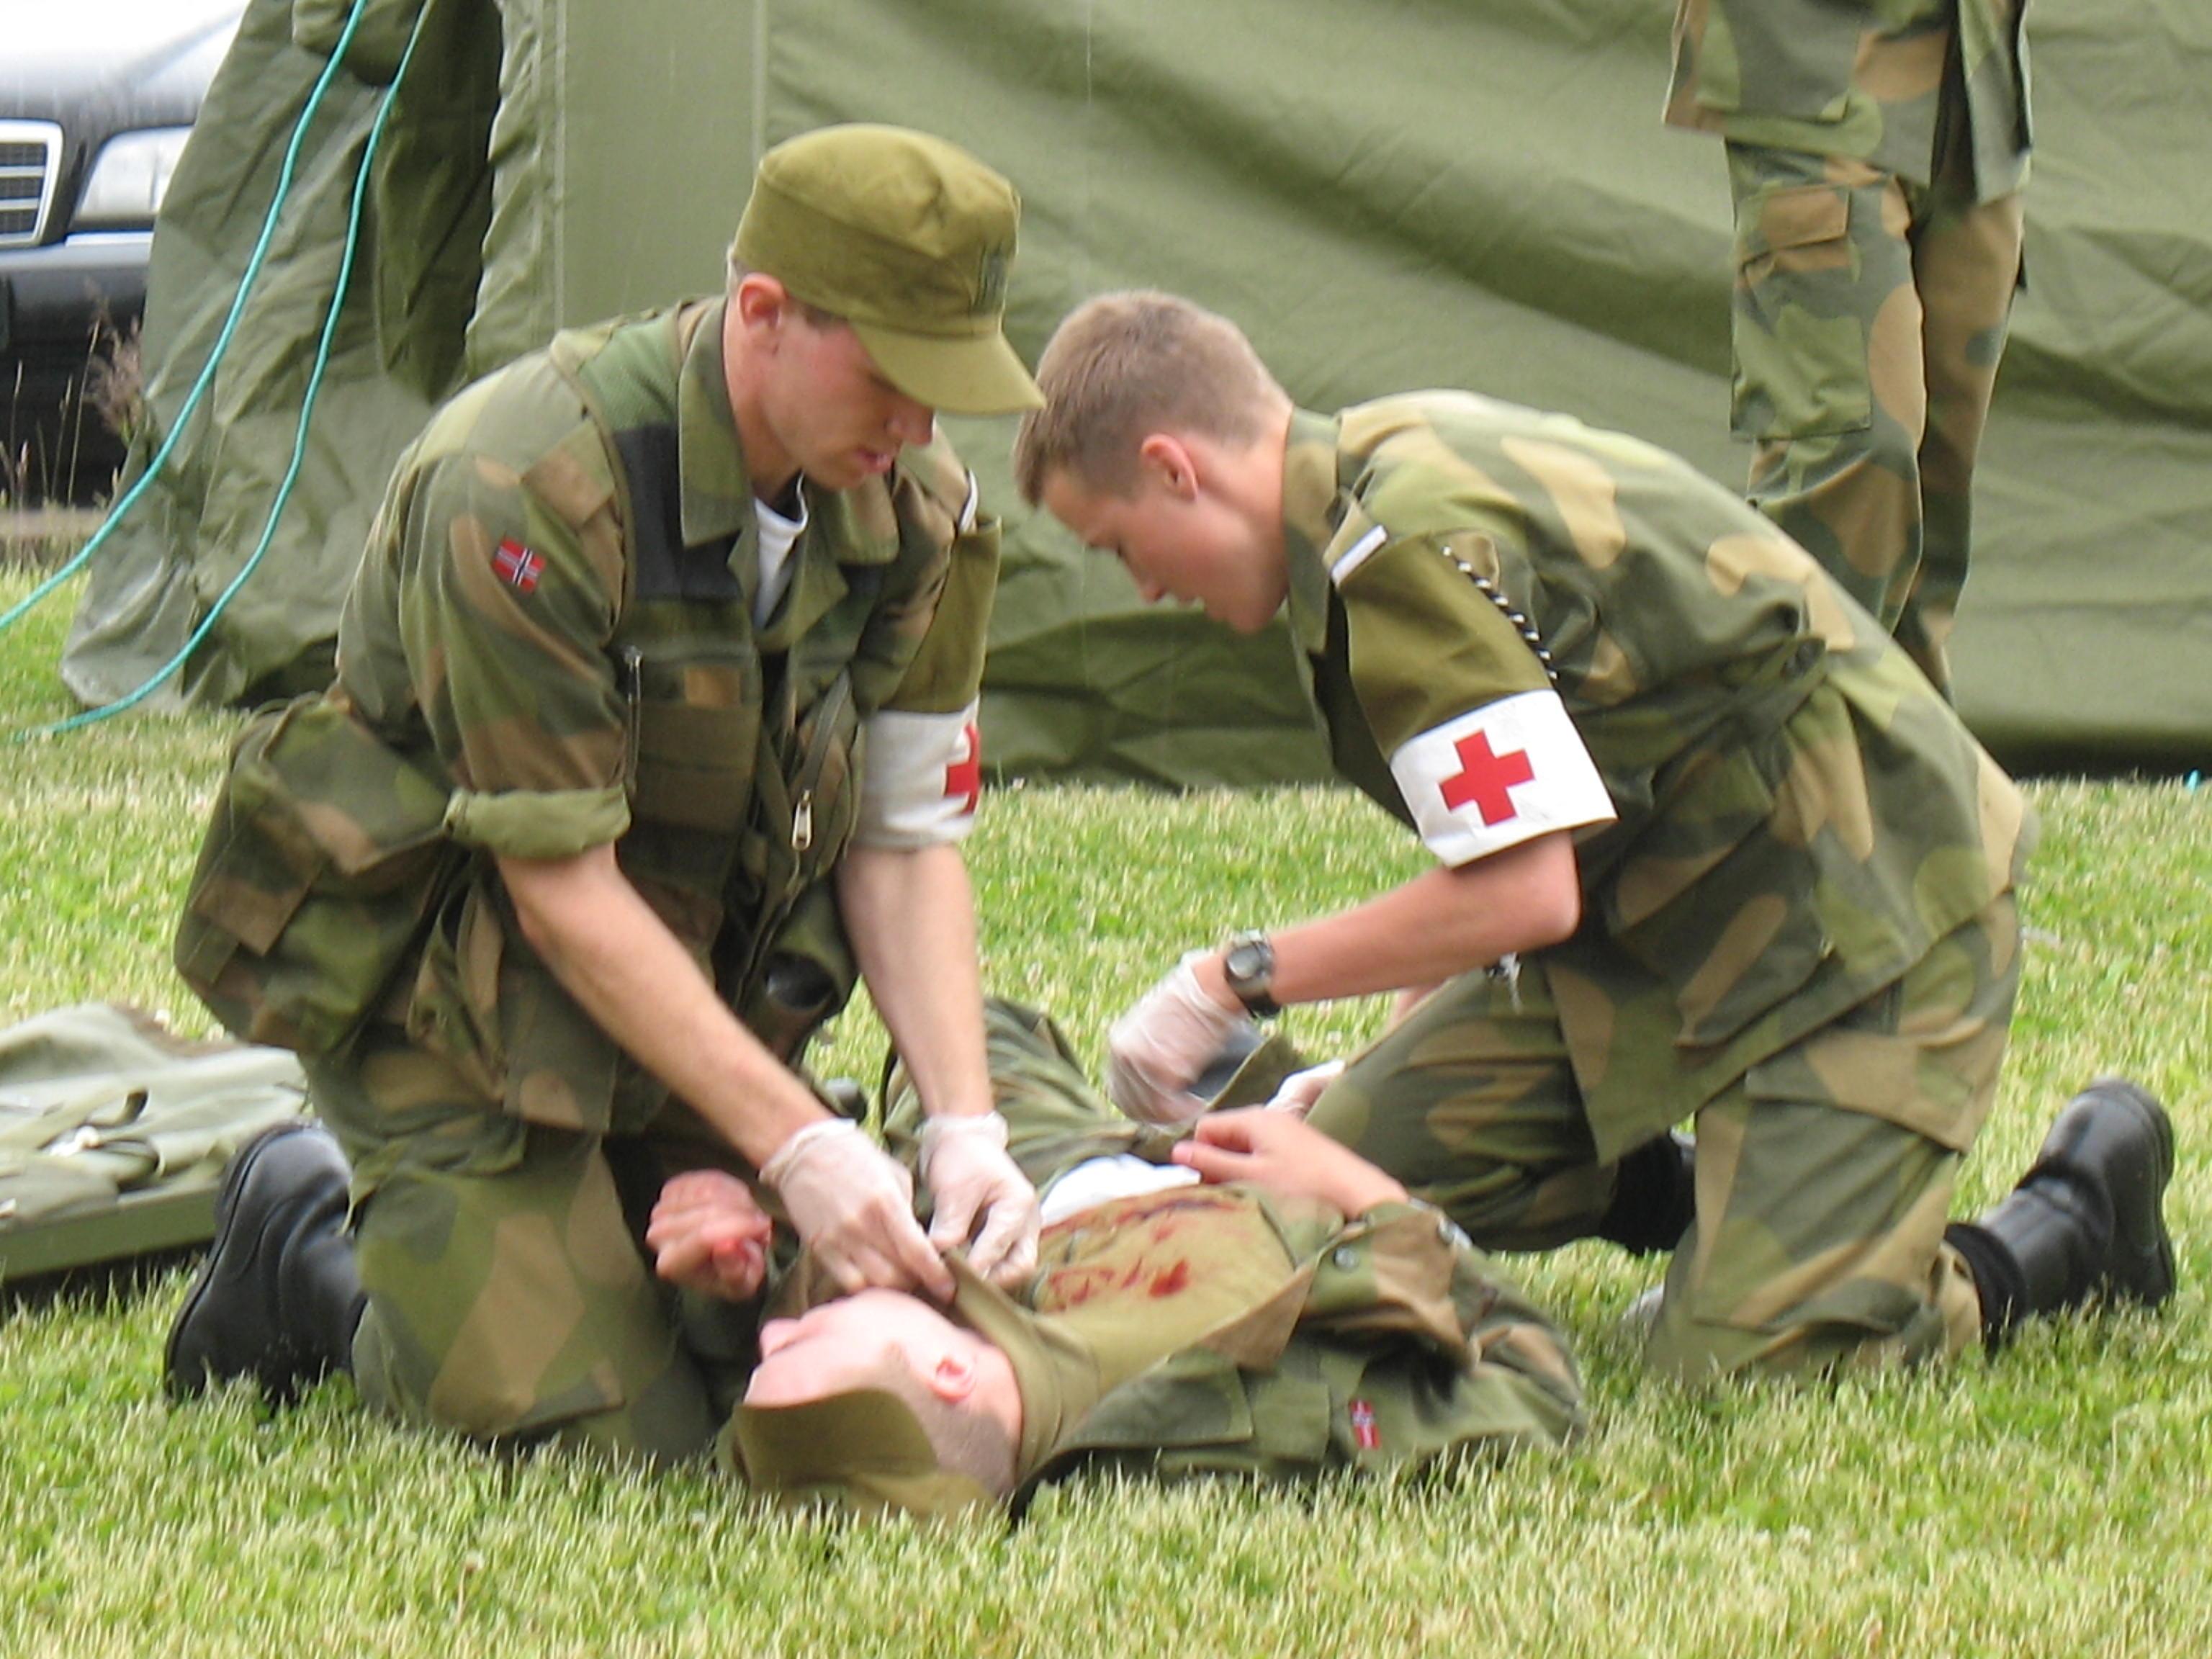 medic forsvaret